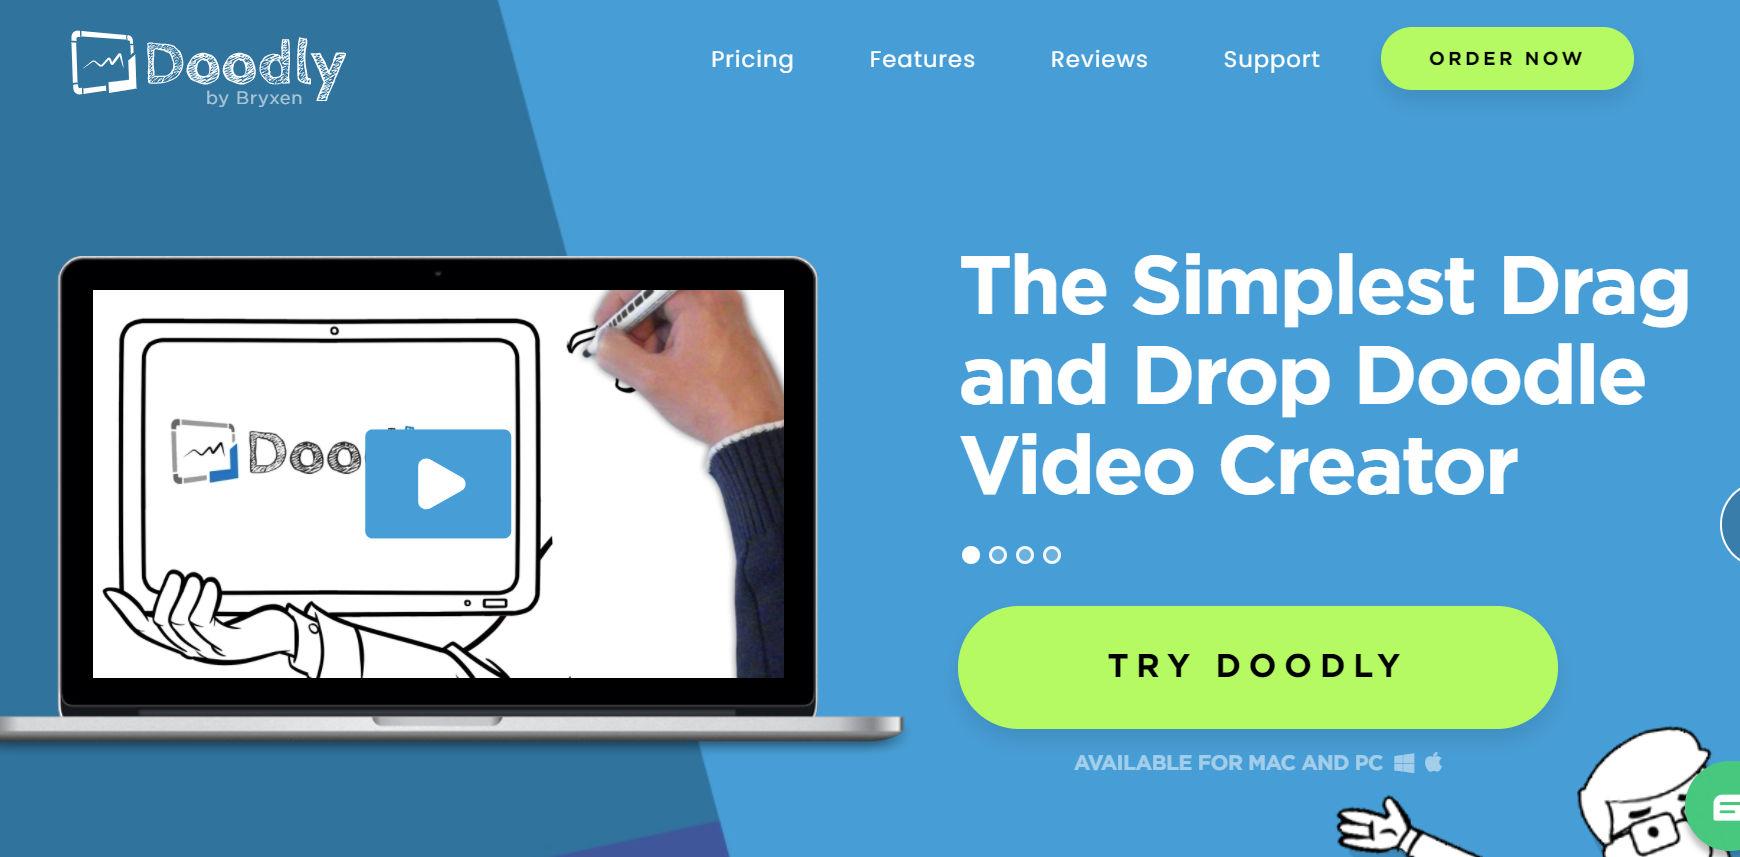 Doodly.com